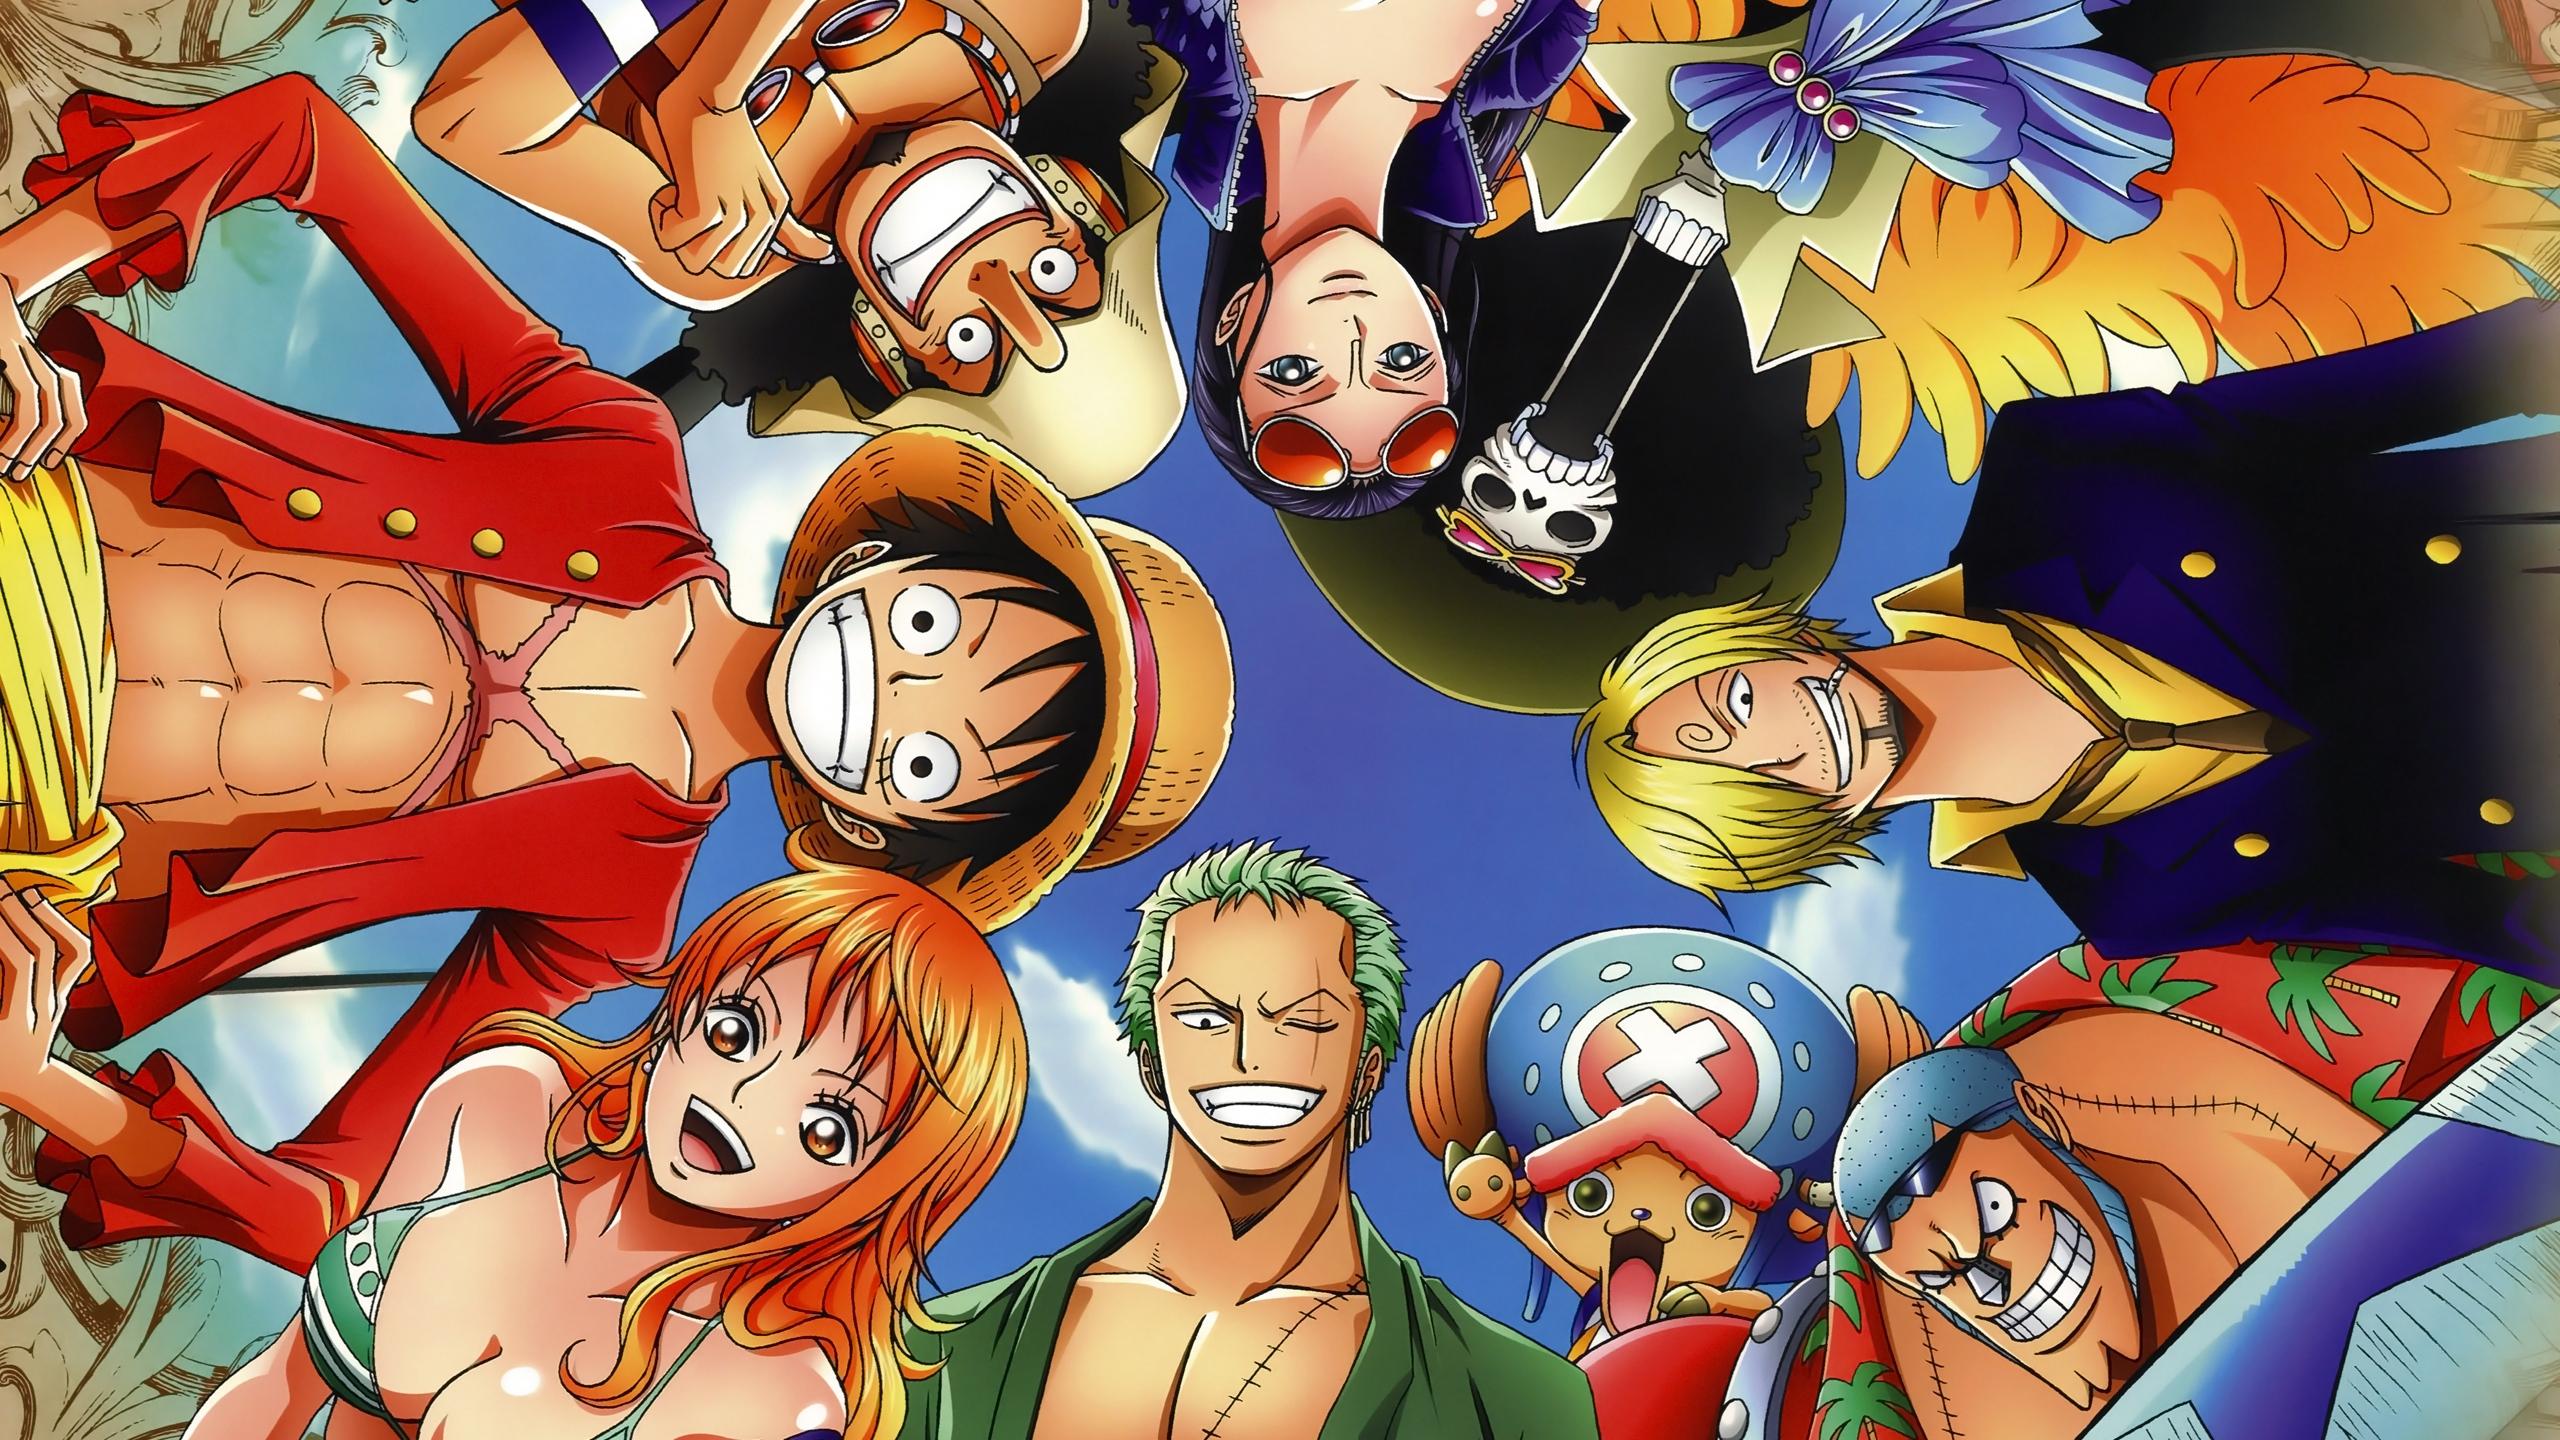 Tony Tony Chopper Wallpaper Hd One Piece Poster Fonds D 233 Cran Arri 232 Res Plan 2560x1440